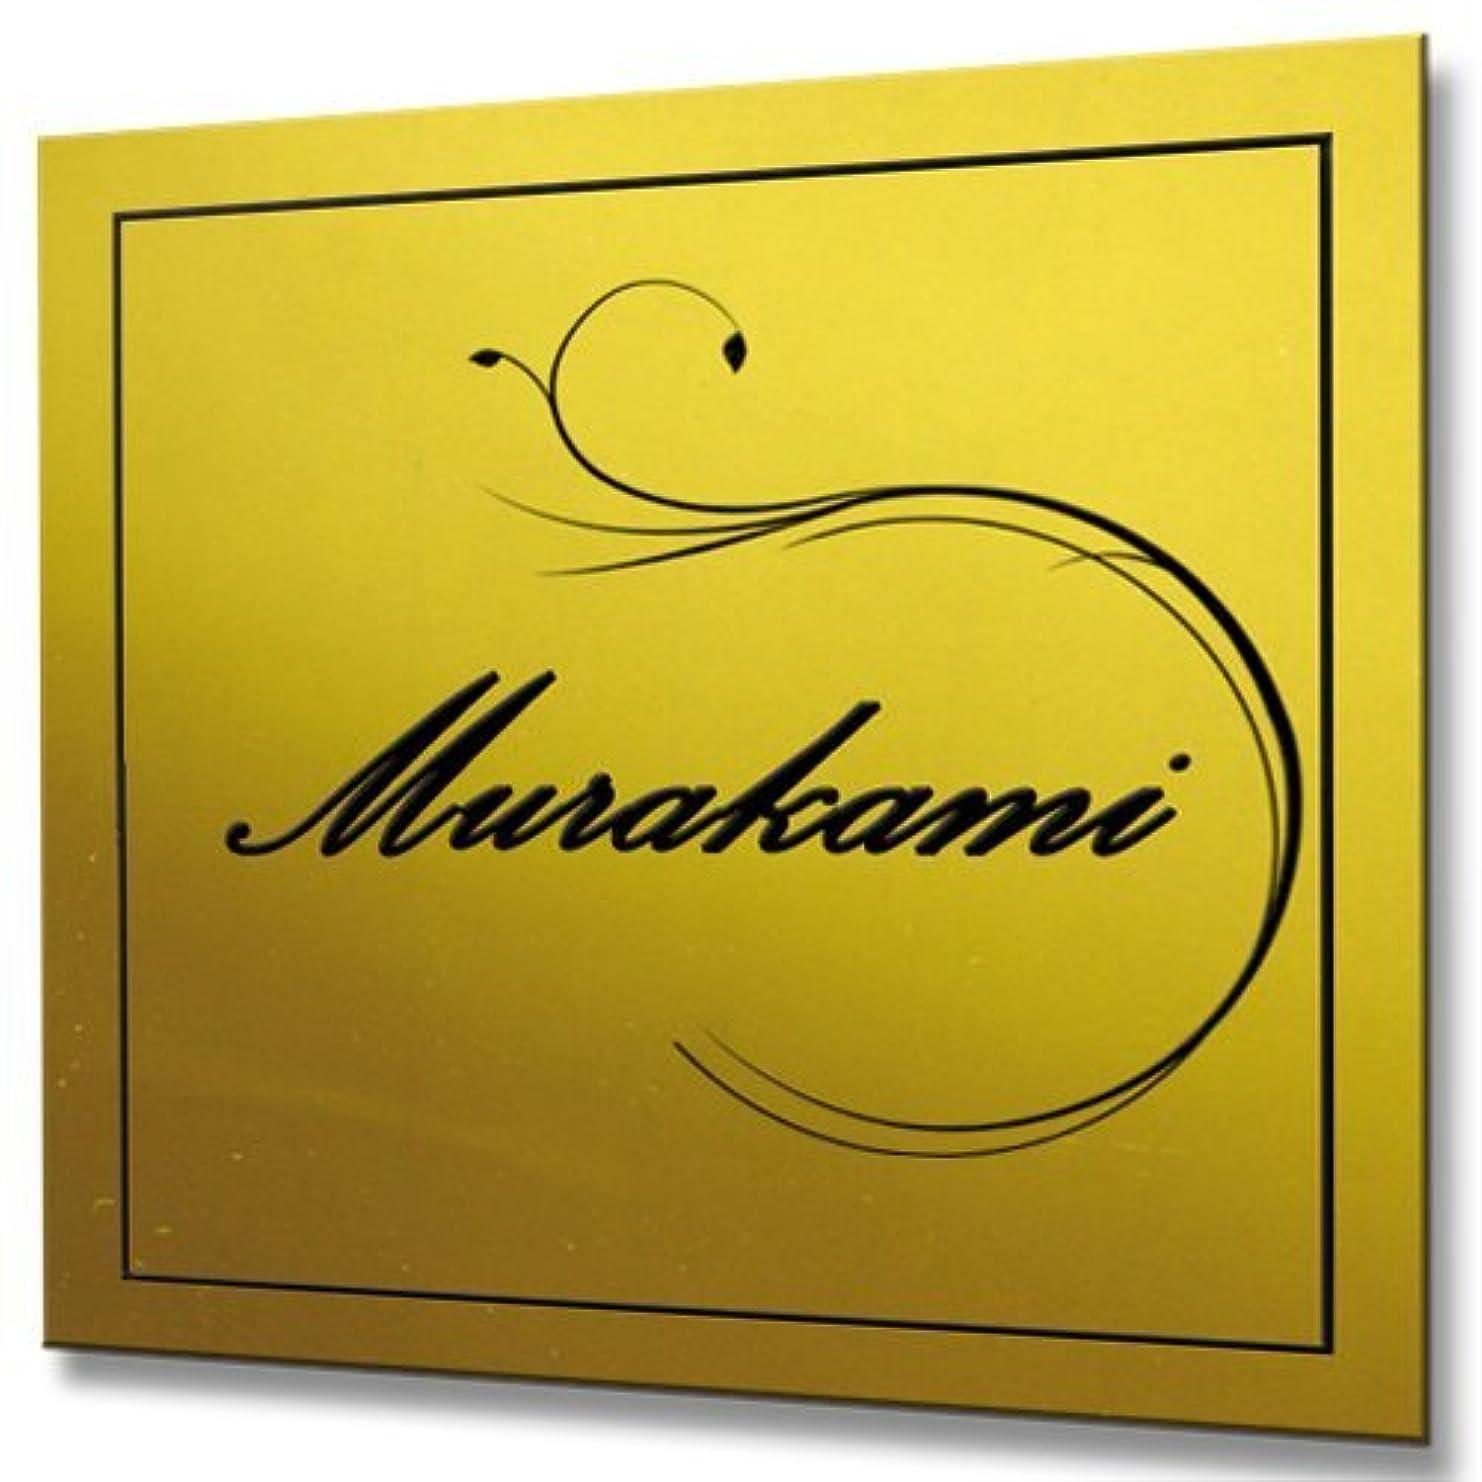 ブーム最終的にアーティキュレーション選べるデザイン 表札 ゴールド ステンレス製 20cm × 20cm エッチング処理 鏡面加工 高耐久 屋外 一戸建て 手作り マンション